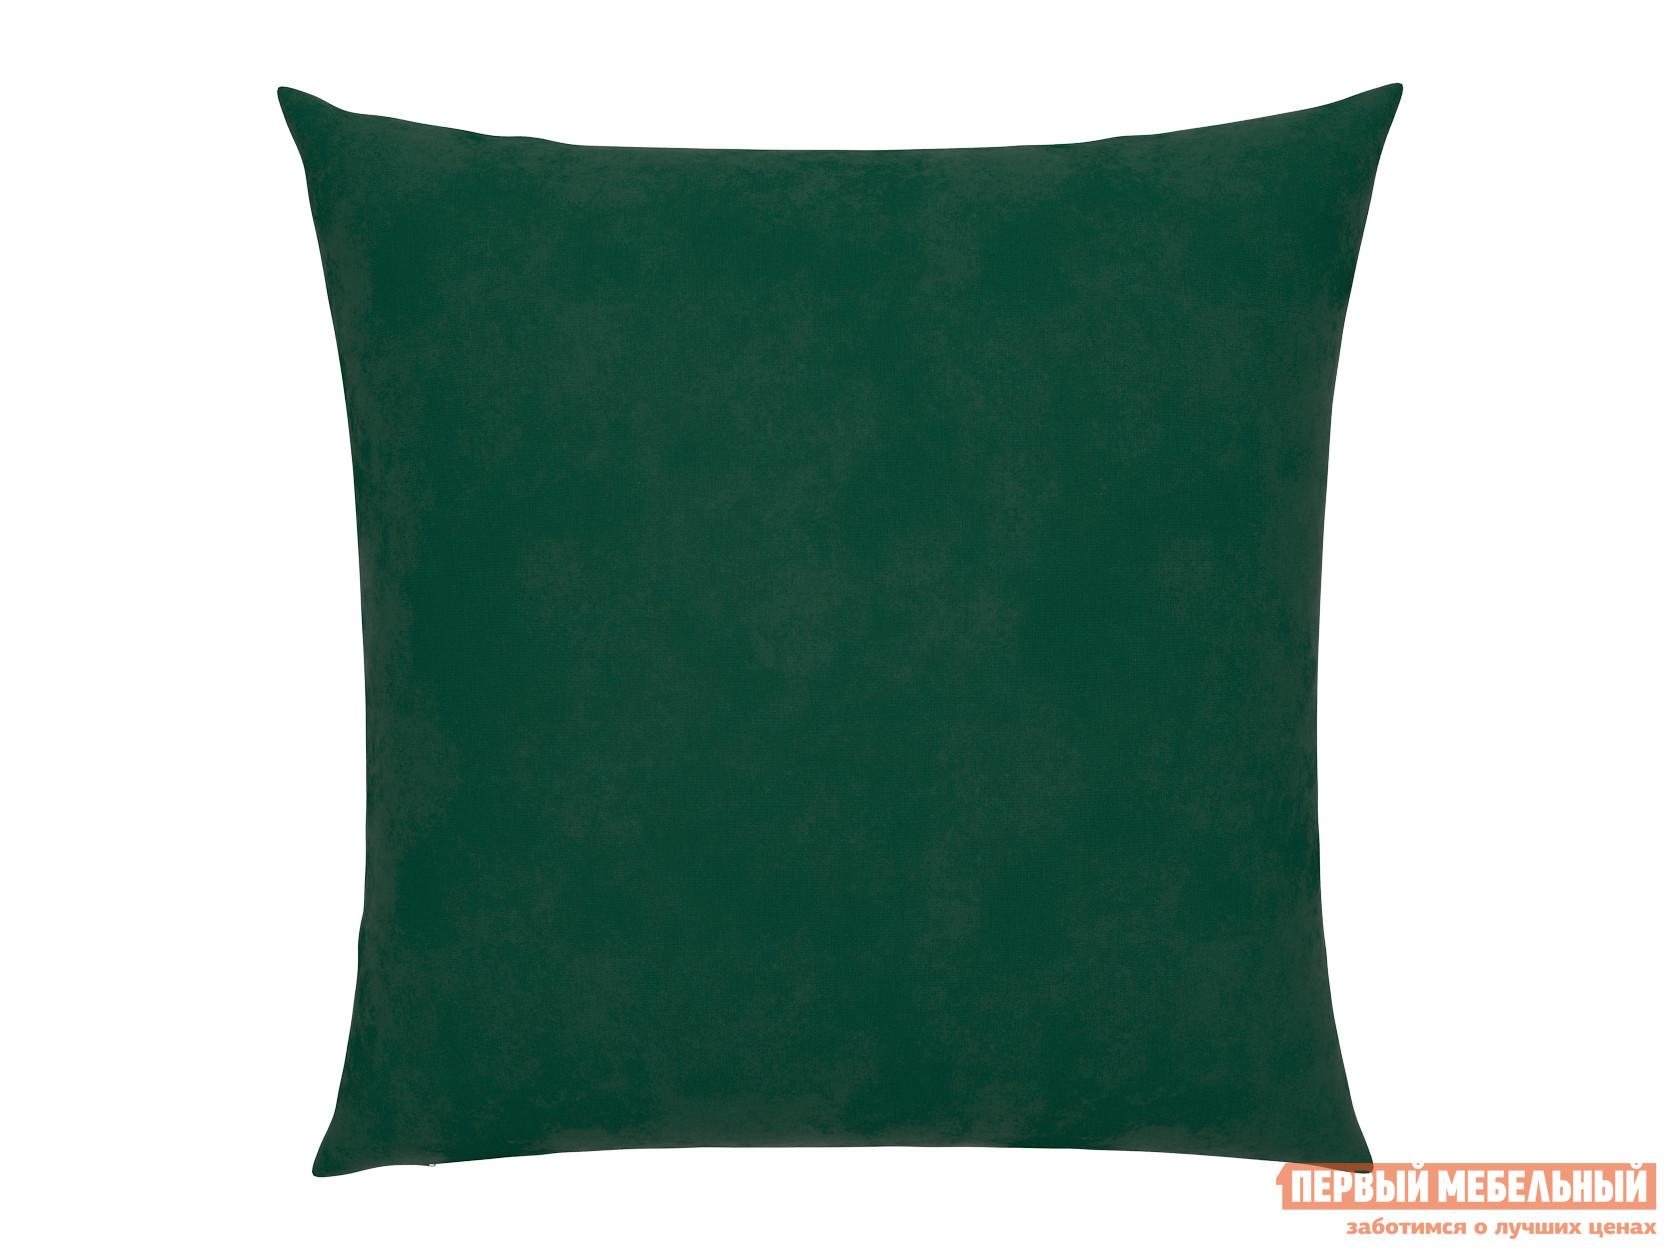 Аксессуар для дивана  Подушка для дивана 40х40  Изумрудный, велюр — Подушка для дивана 40х40  Изумрудный, велюр